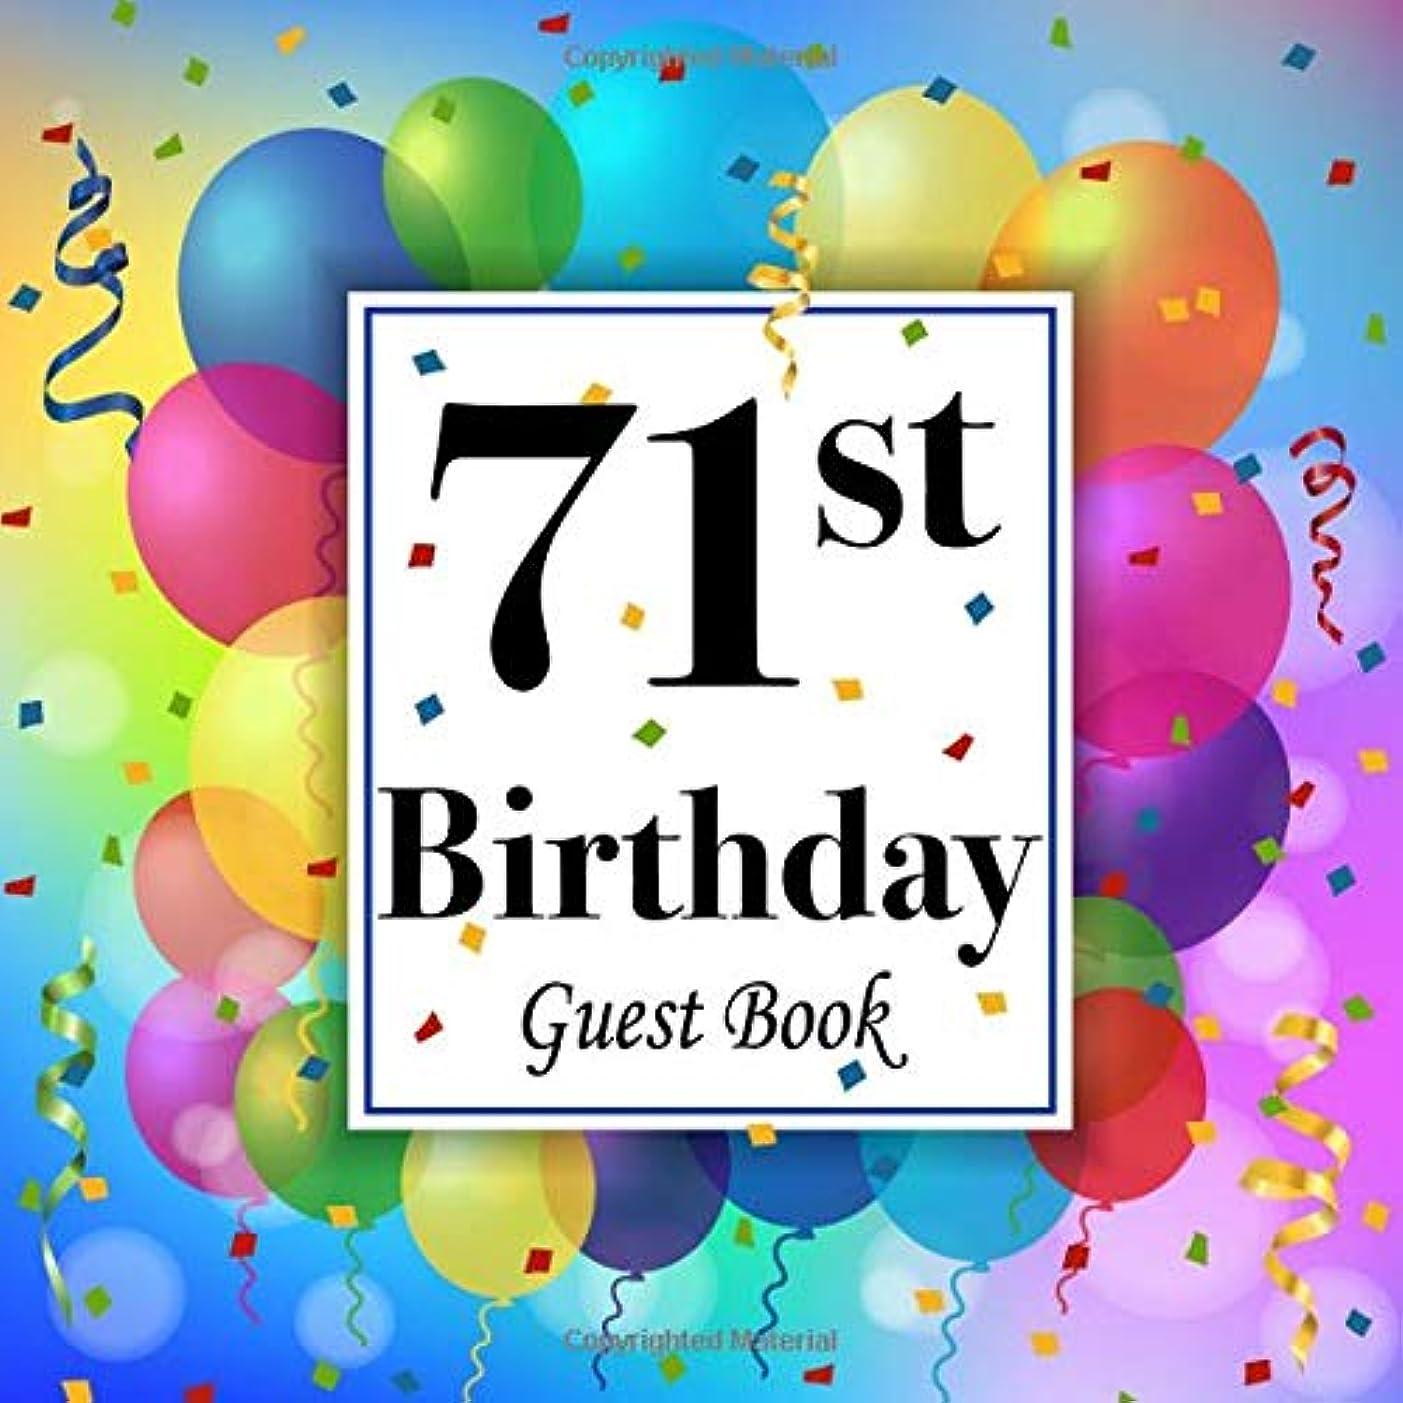 建てる区画パン71st  Birthday Guest Book: Party Celebration Keepsake Memory Book For Family & Friends to write best wishes, messages, sign in, guest address & gift log